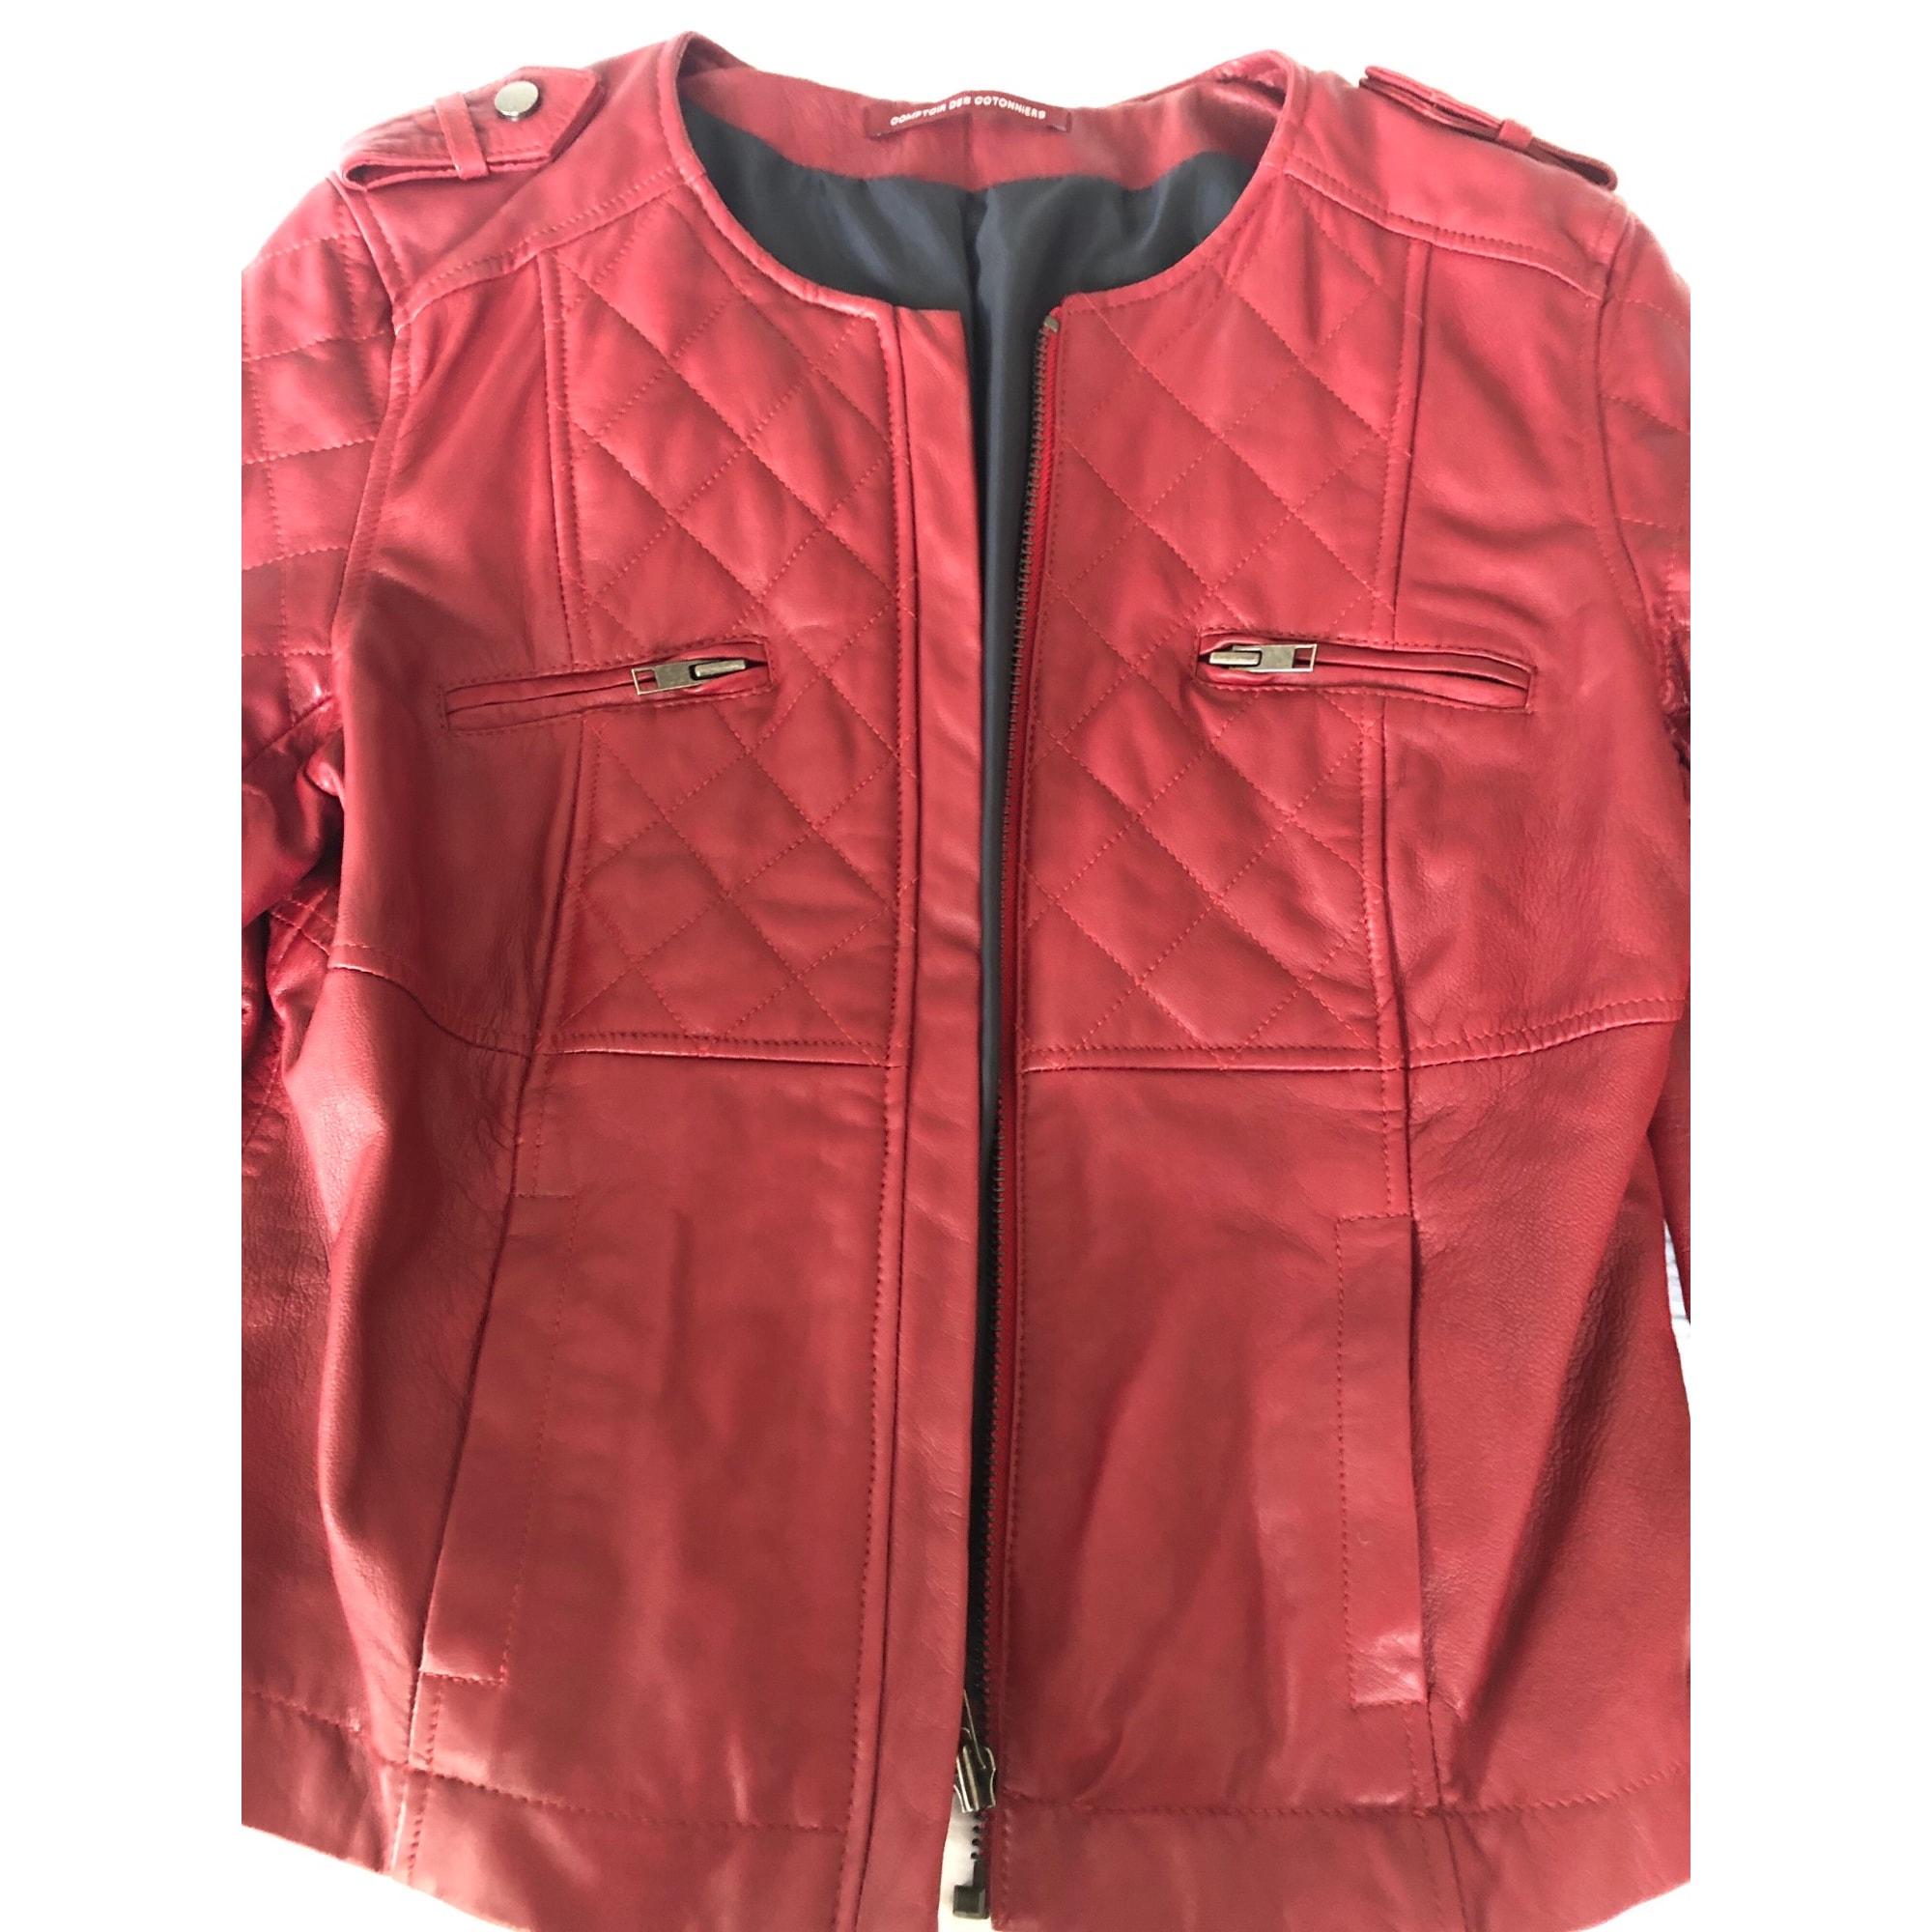 Veste en cuir COMPTOIR DES COTONNIERS Rouge, bordeaux